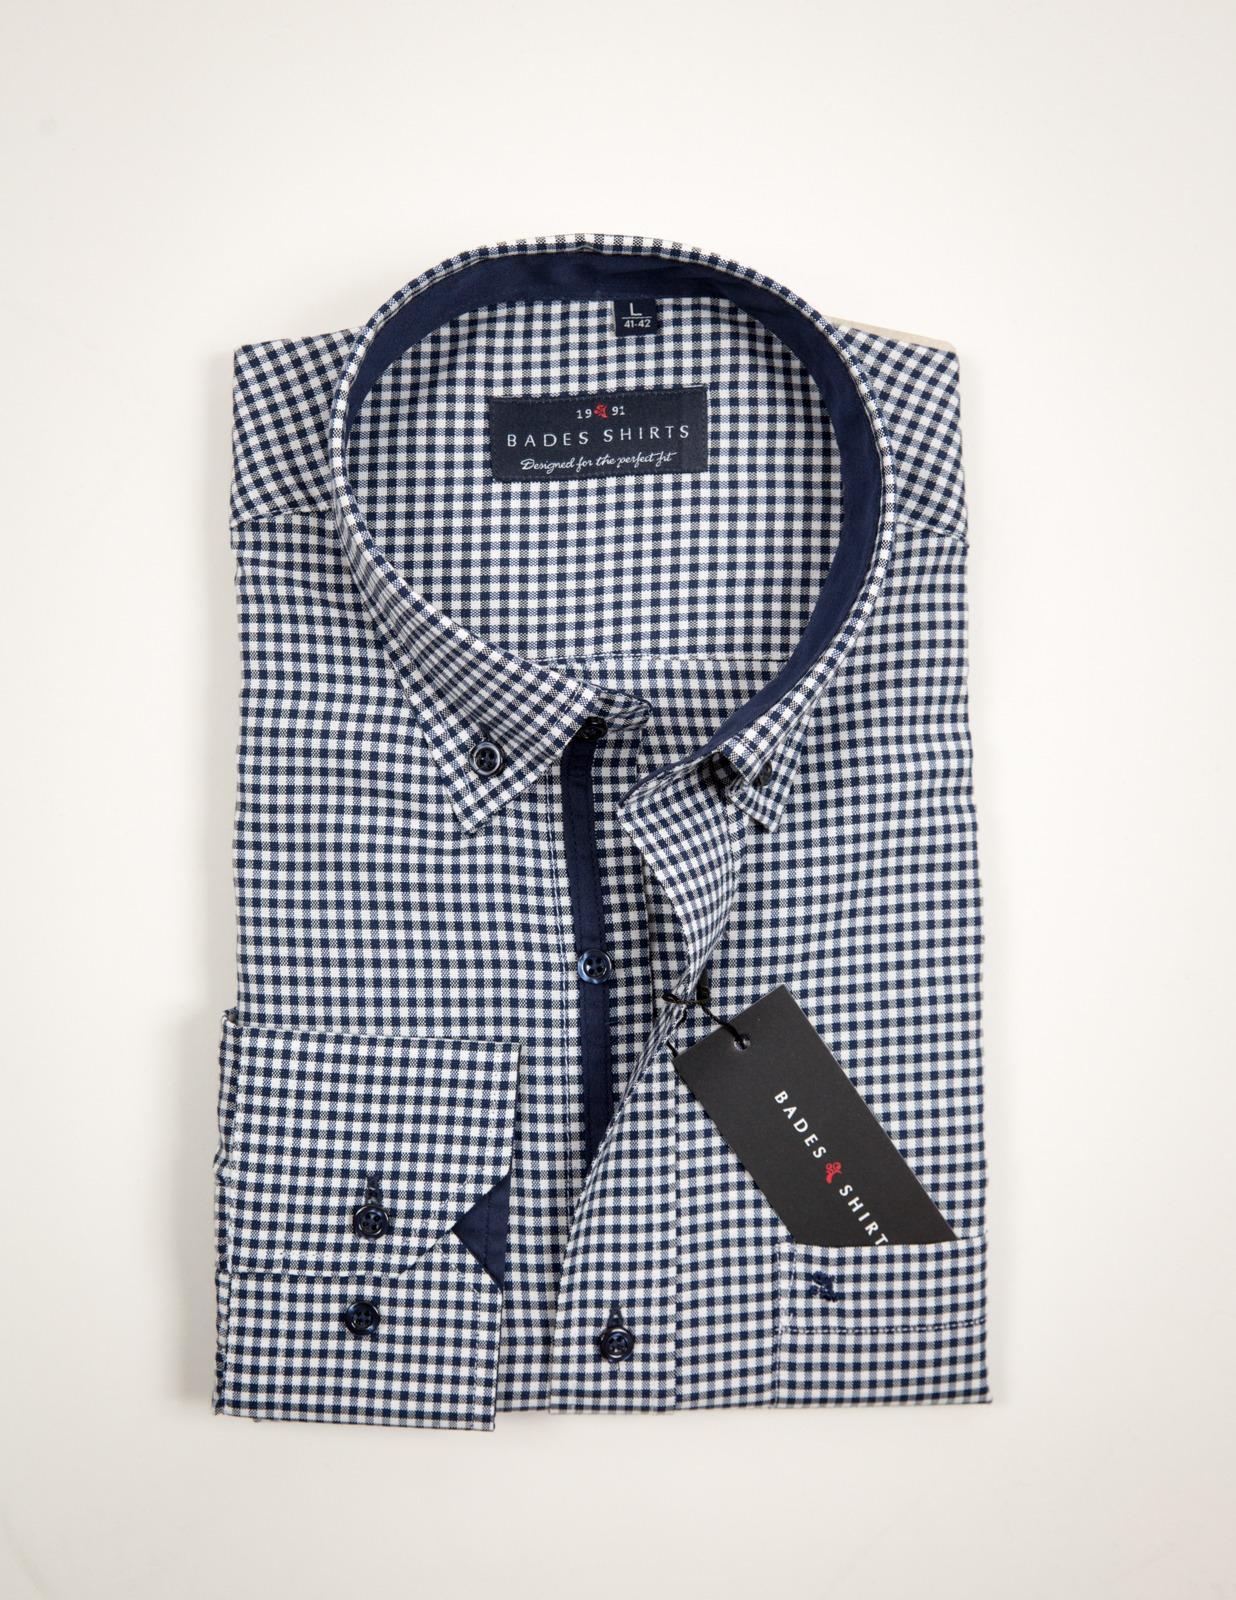 Άσπρο - Μπλε Καρό Πουκάμισο Bades Shirts - AlterEgo 9db63d08e50